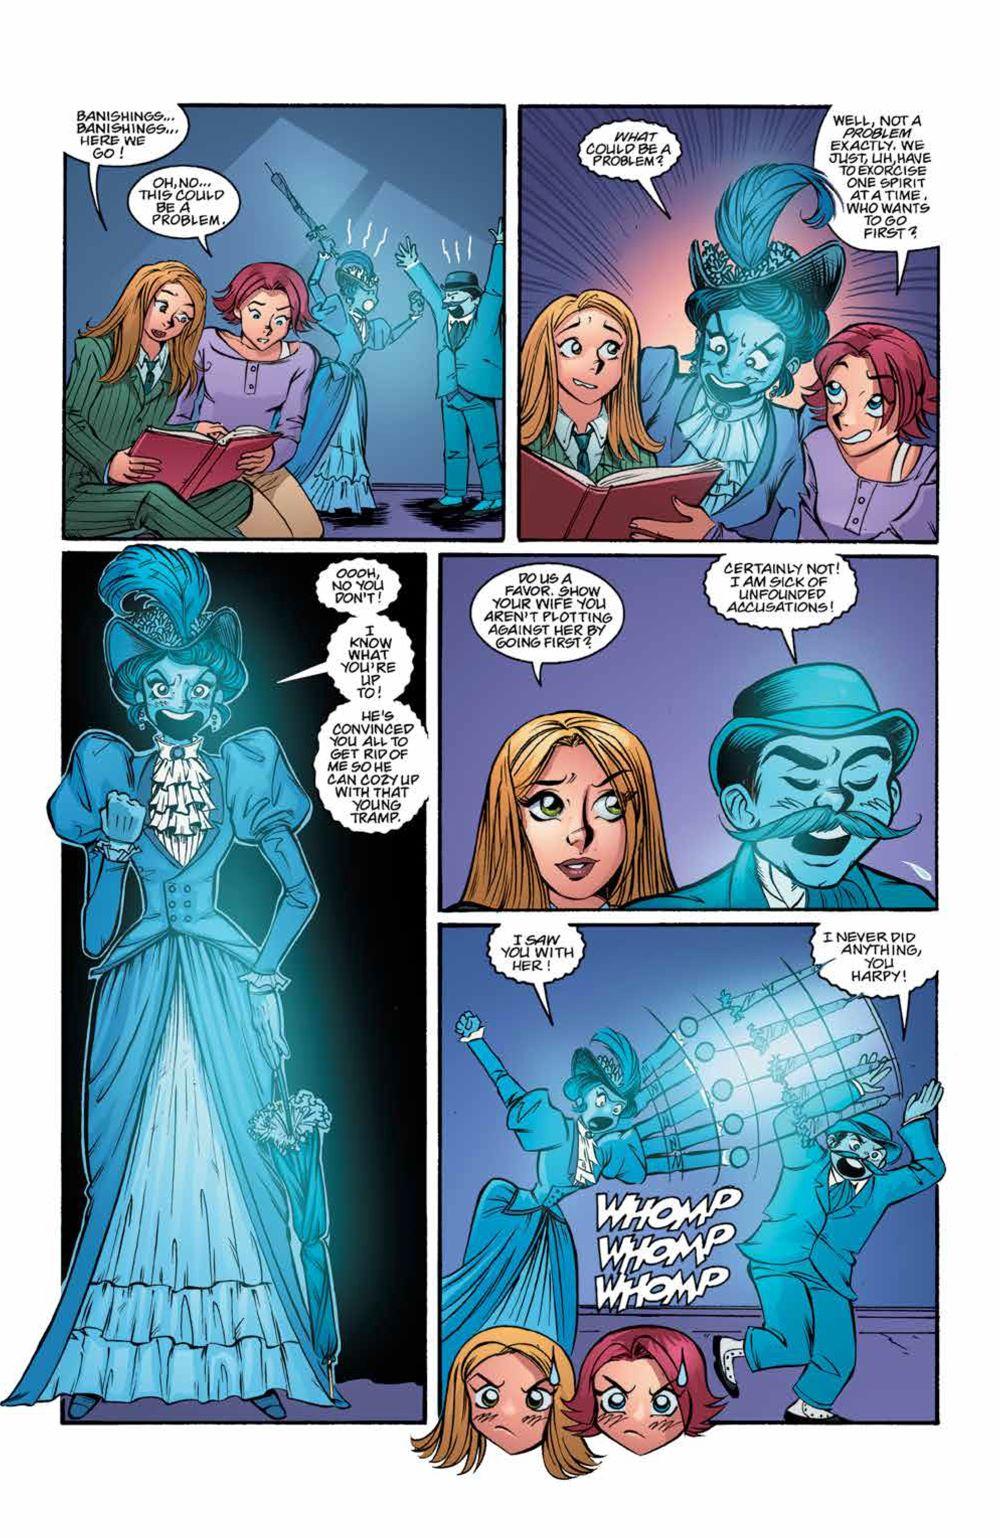 Buffy_Legacy_v4_SC_PRESS_22 ComicList Previews: BUFFY THE VAMPIRE SLAYER LEGACY EDITION VOLUME 4 SC